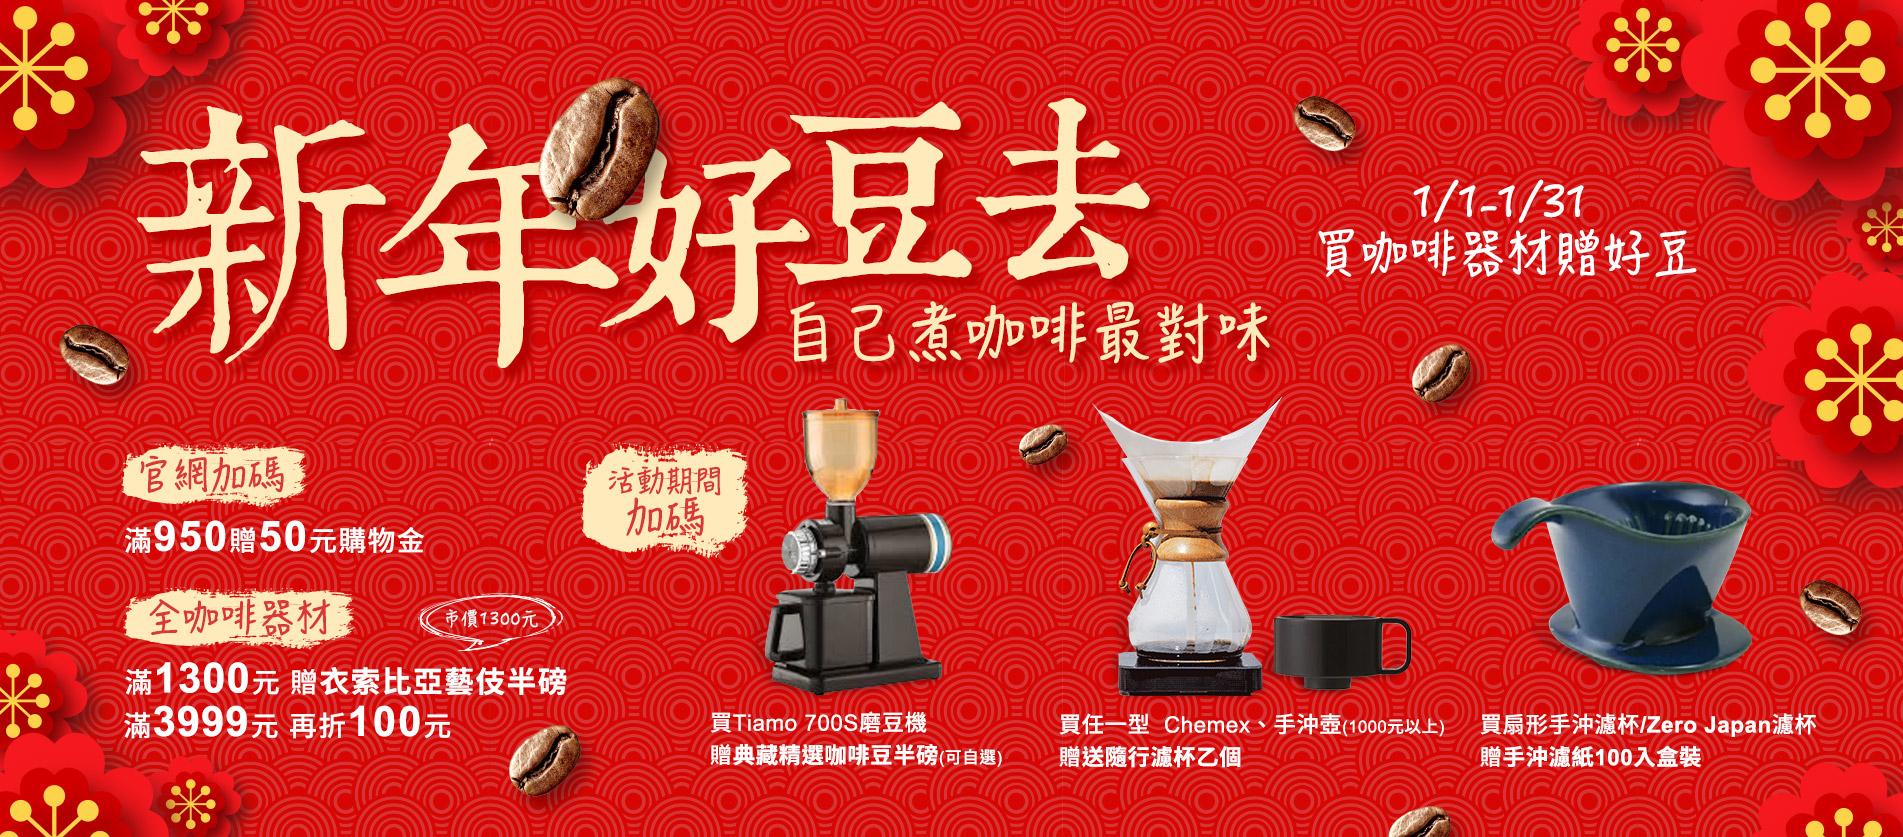 咖啡器材活動,贈咖啡豆